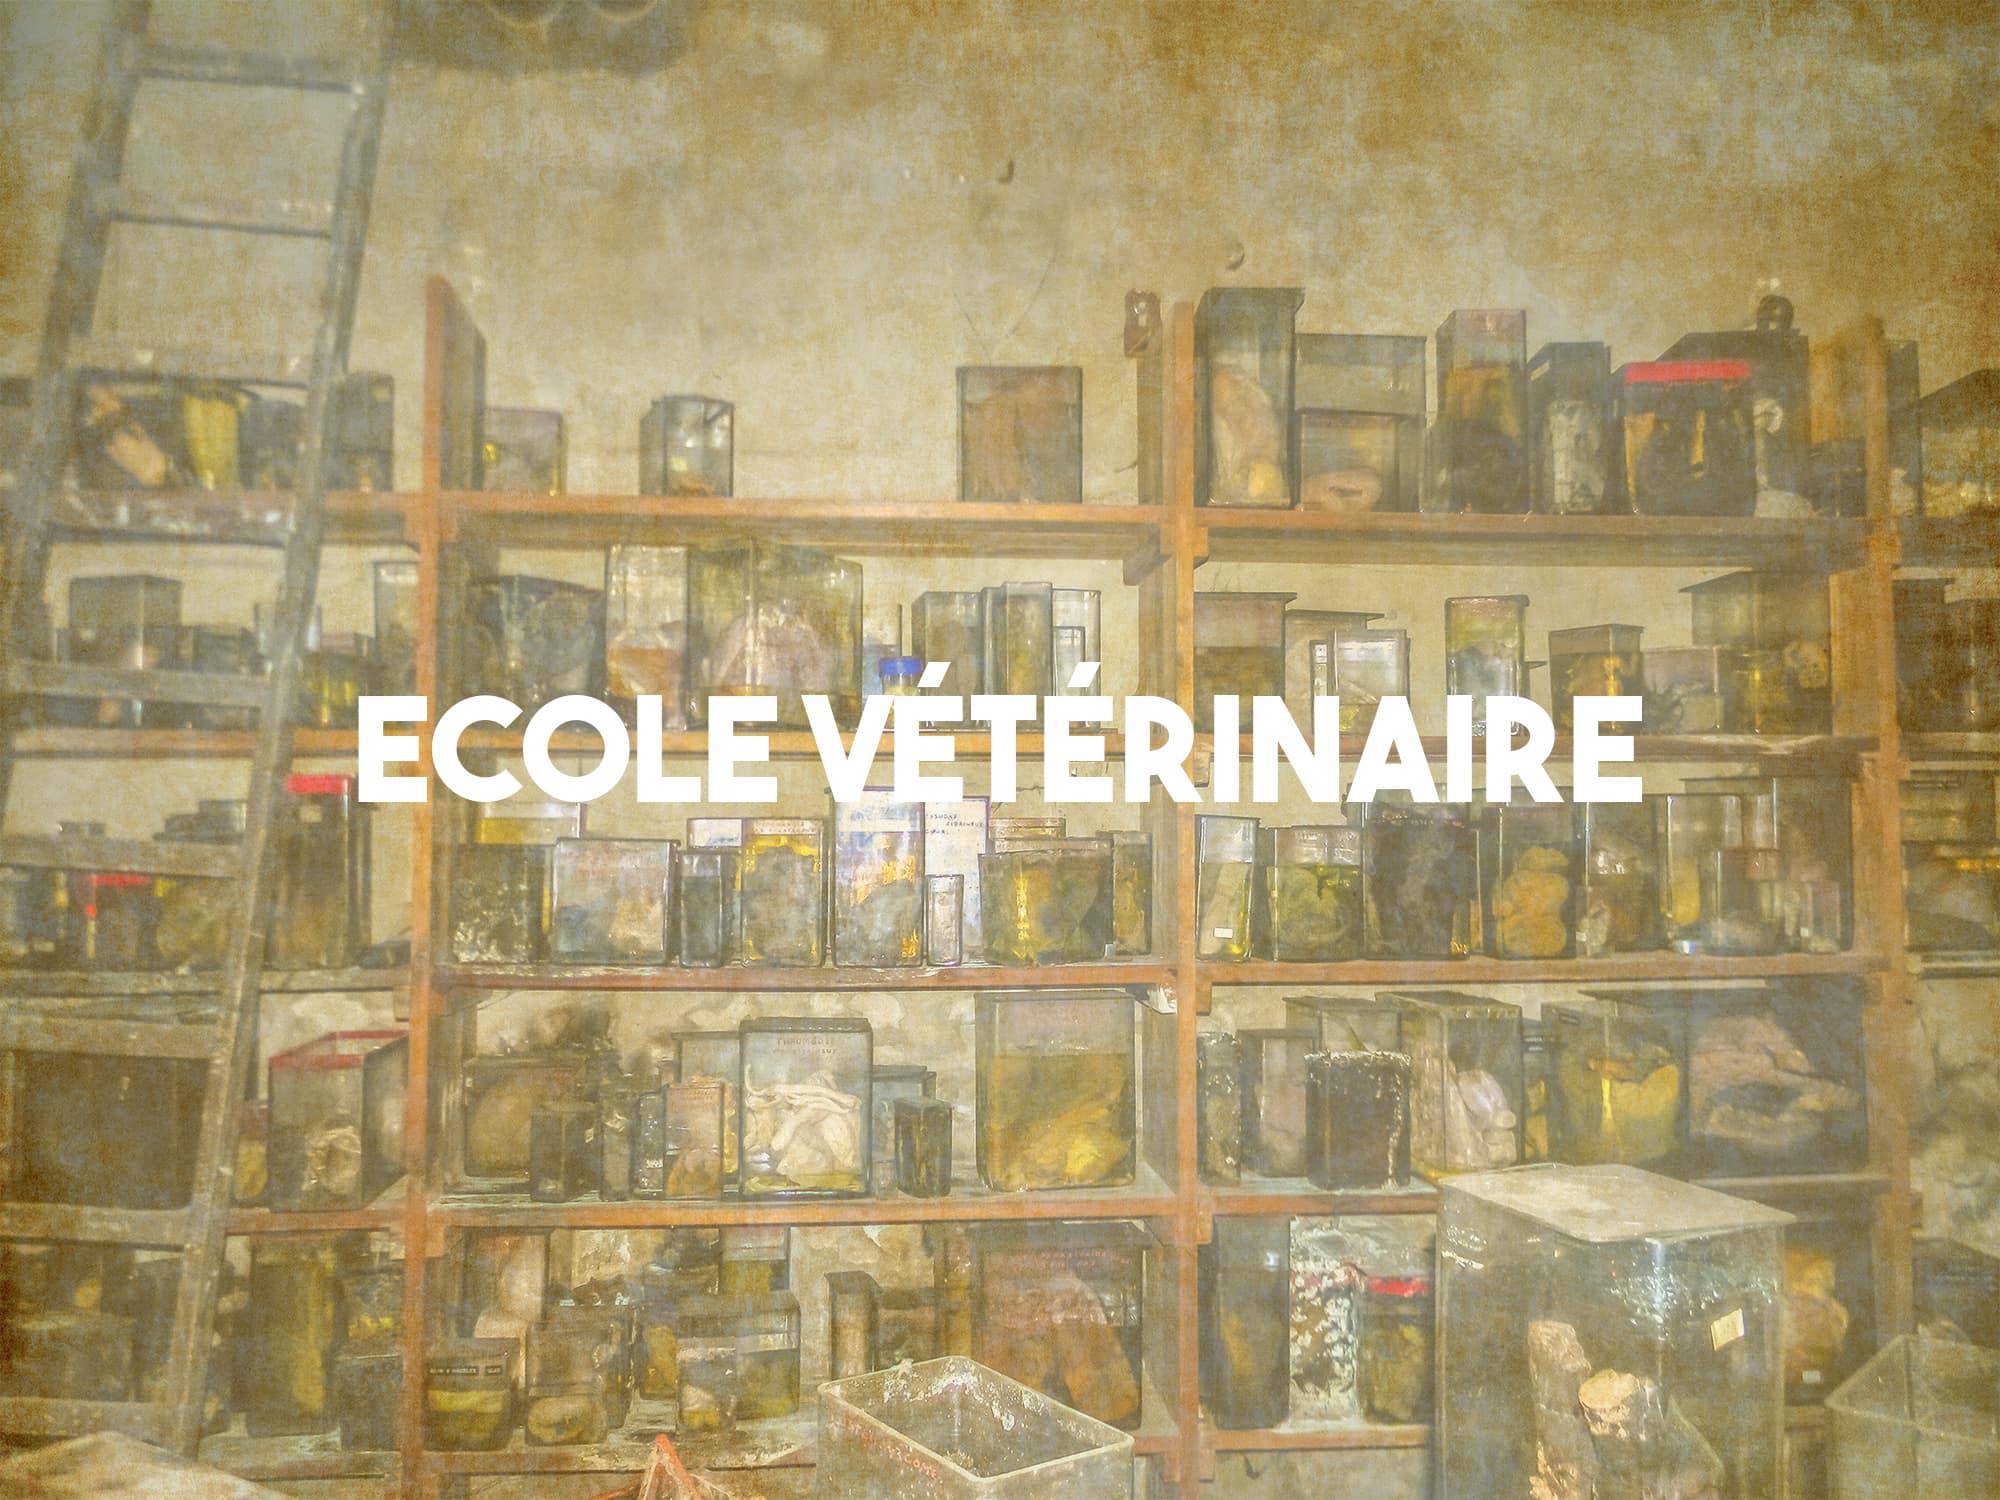 Ecole vétérinaire abandonnée située en Belgique | urbexsession.com/ecole-des-veterinaires-danderlecht-belgique | Urbex Belgique